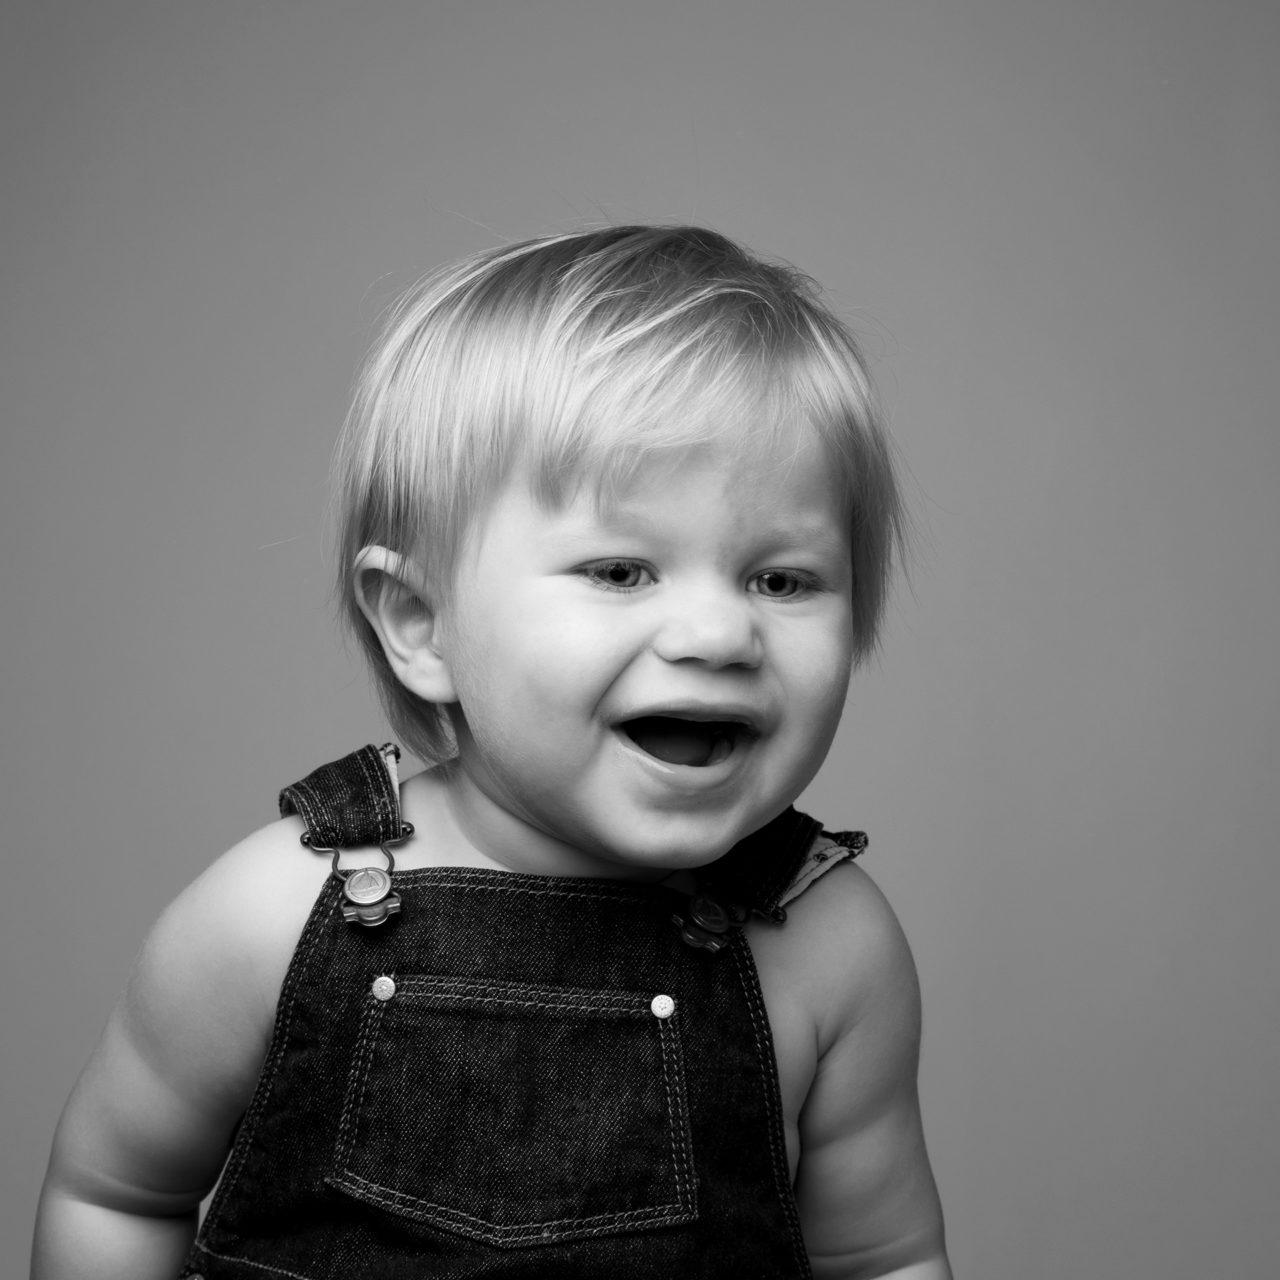 barneportrett-1år-studioalma-fotograf-barnefotografering